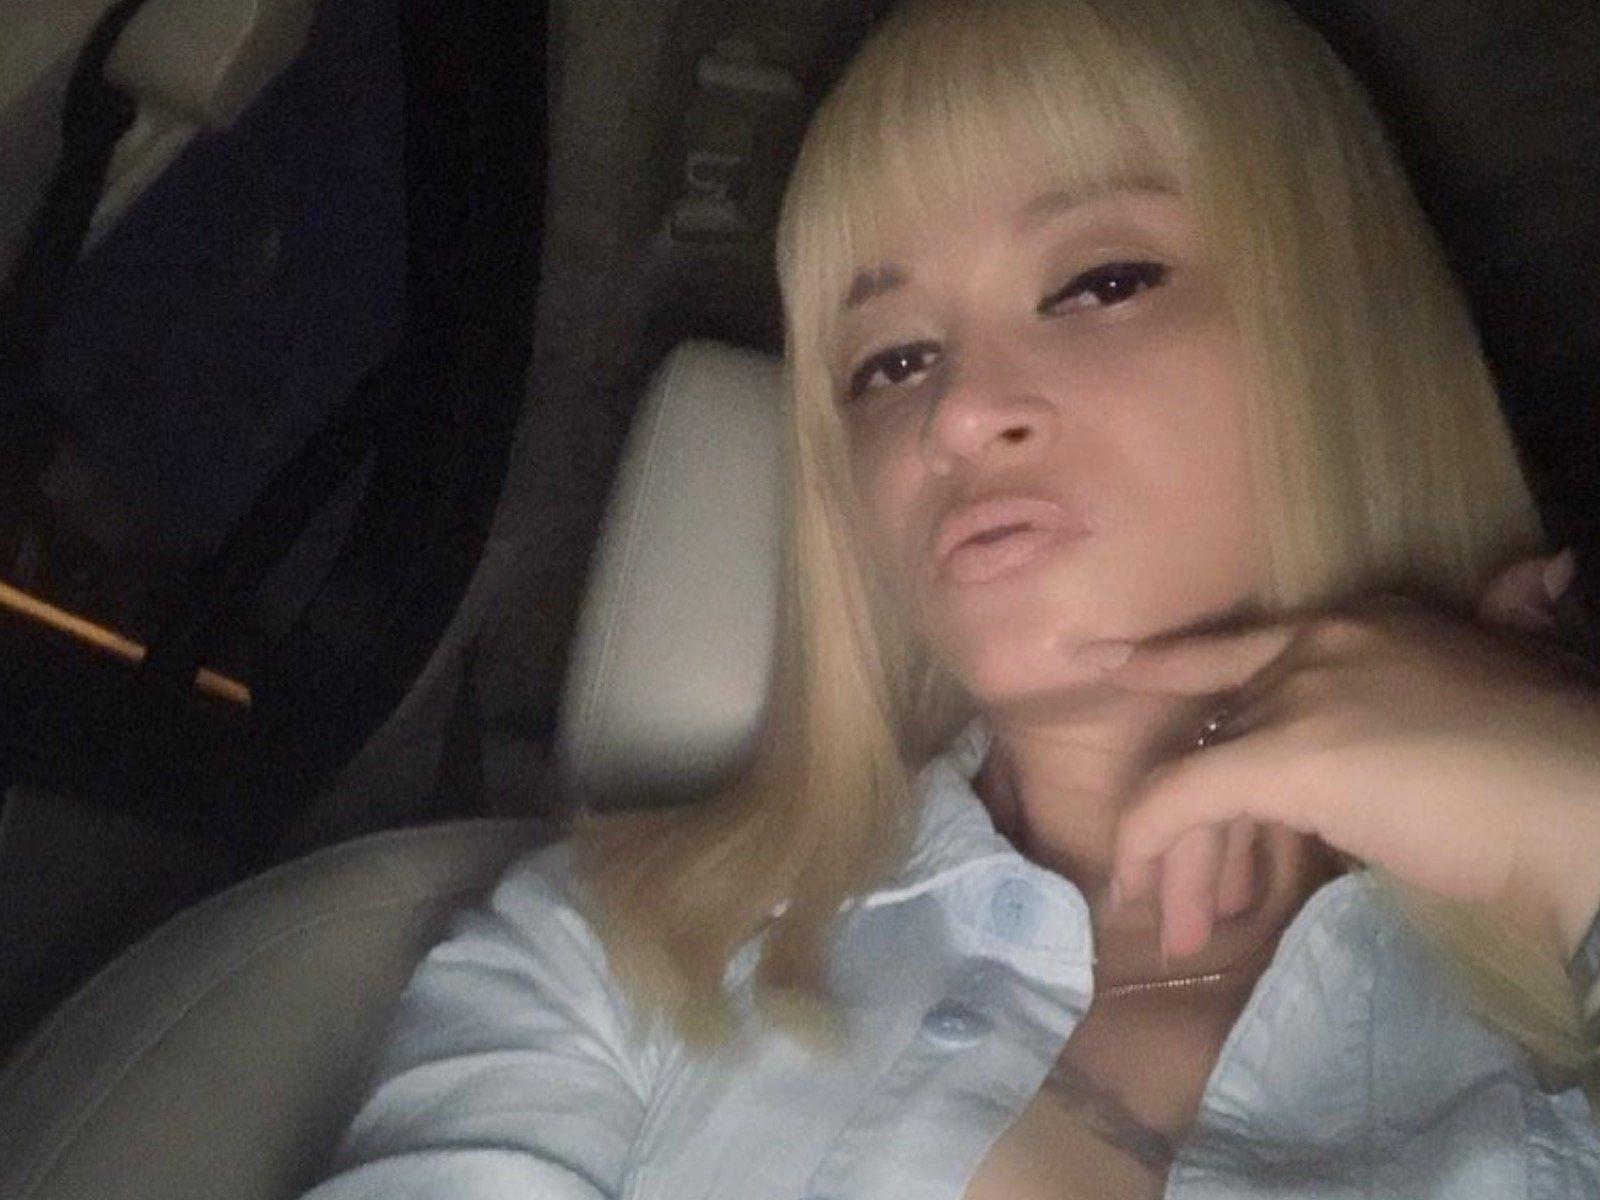 Charli Baltimore